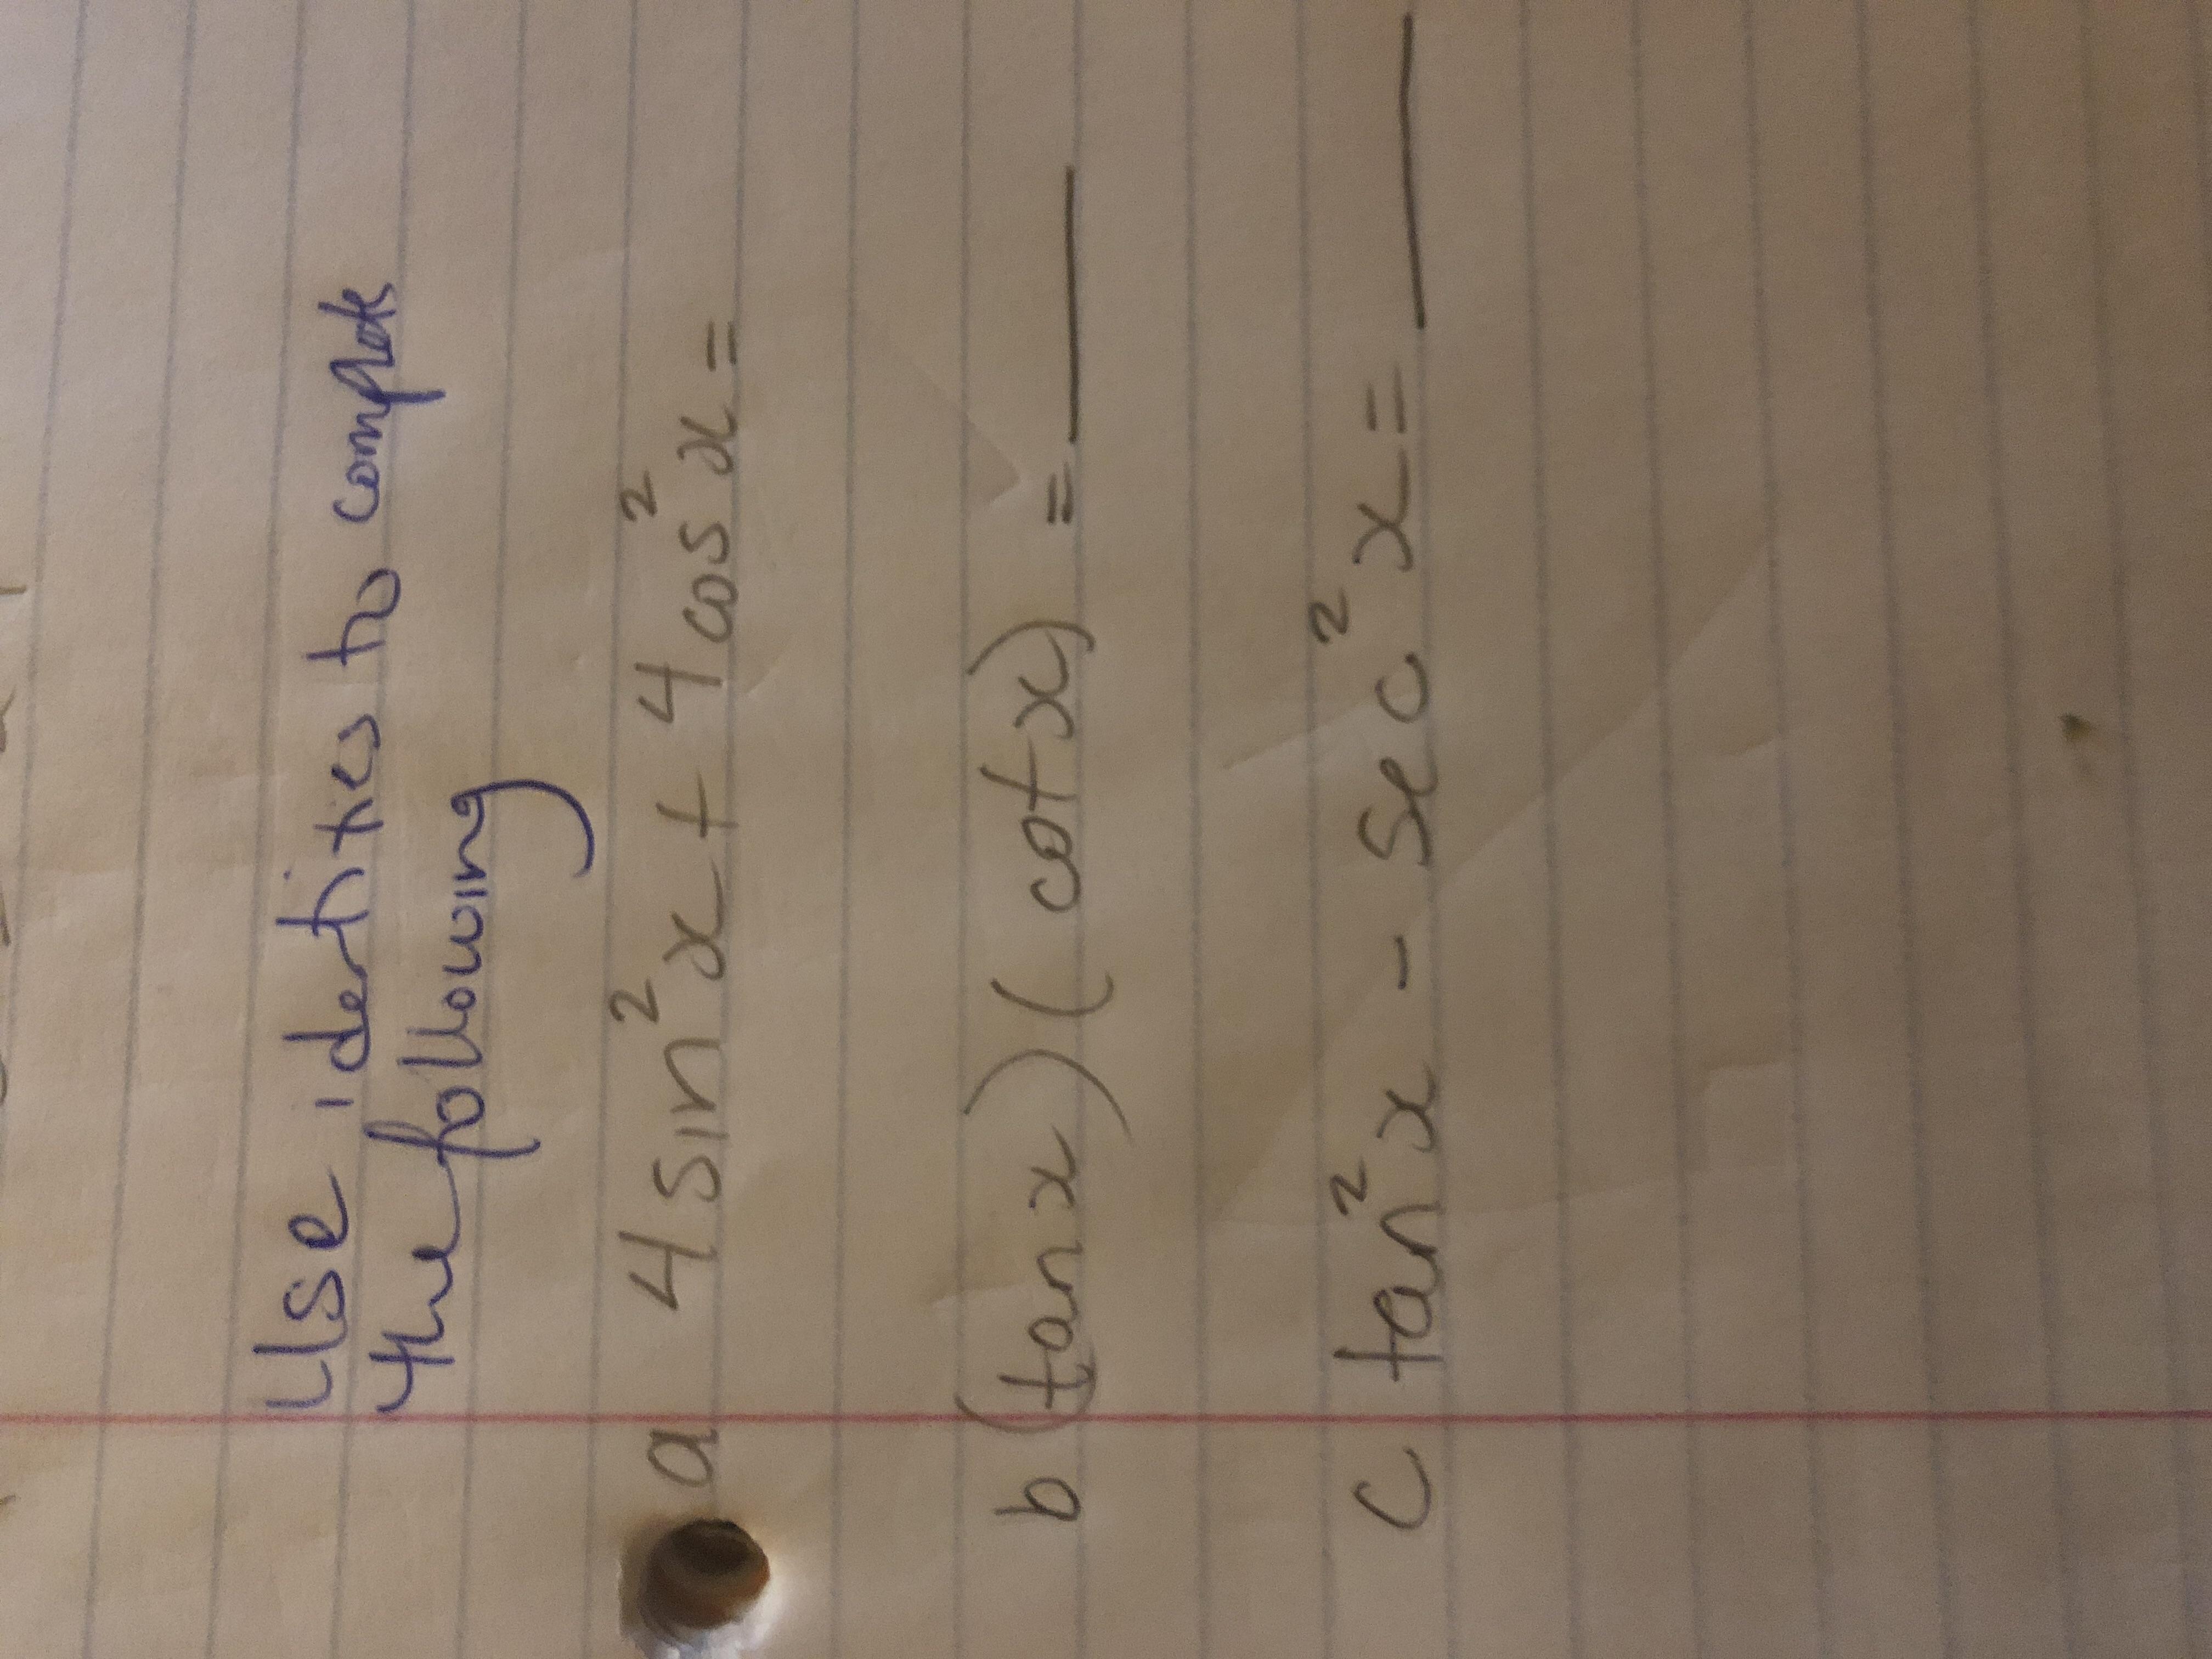 lse ideites to Comflek He follouwmg 2 a 4sin t 4cos COS bitanzcot 2. 2 Cltans-Secx